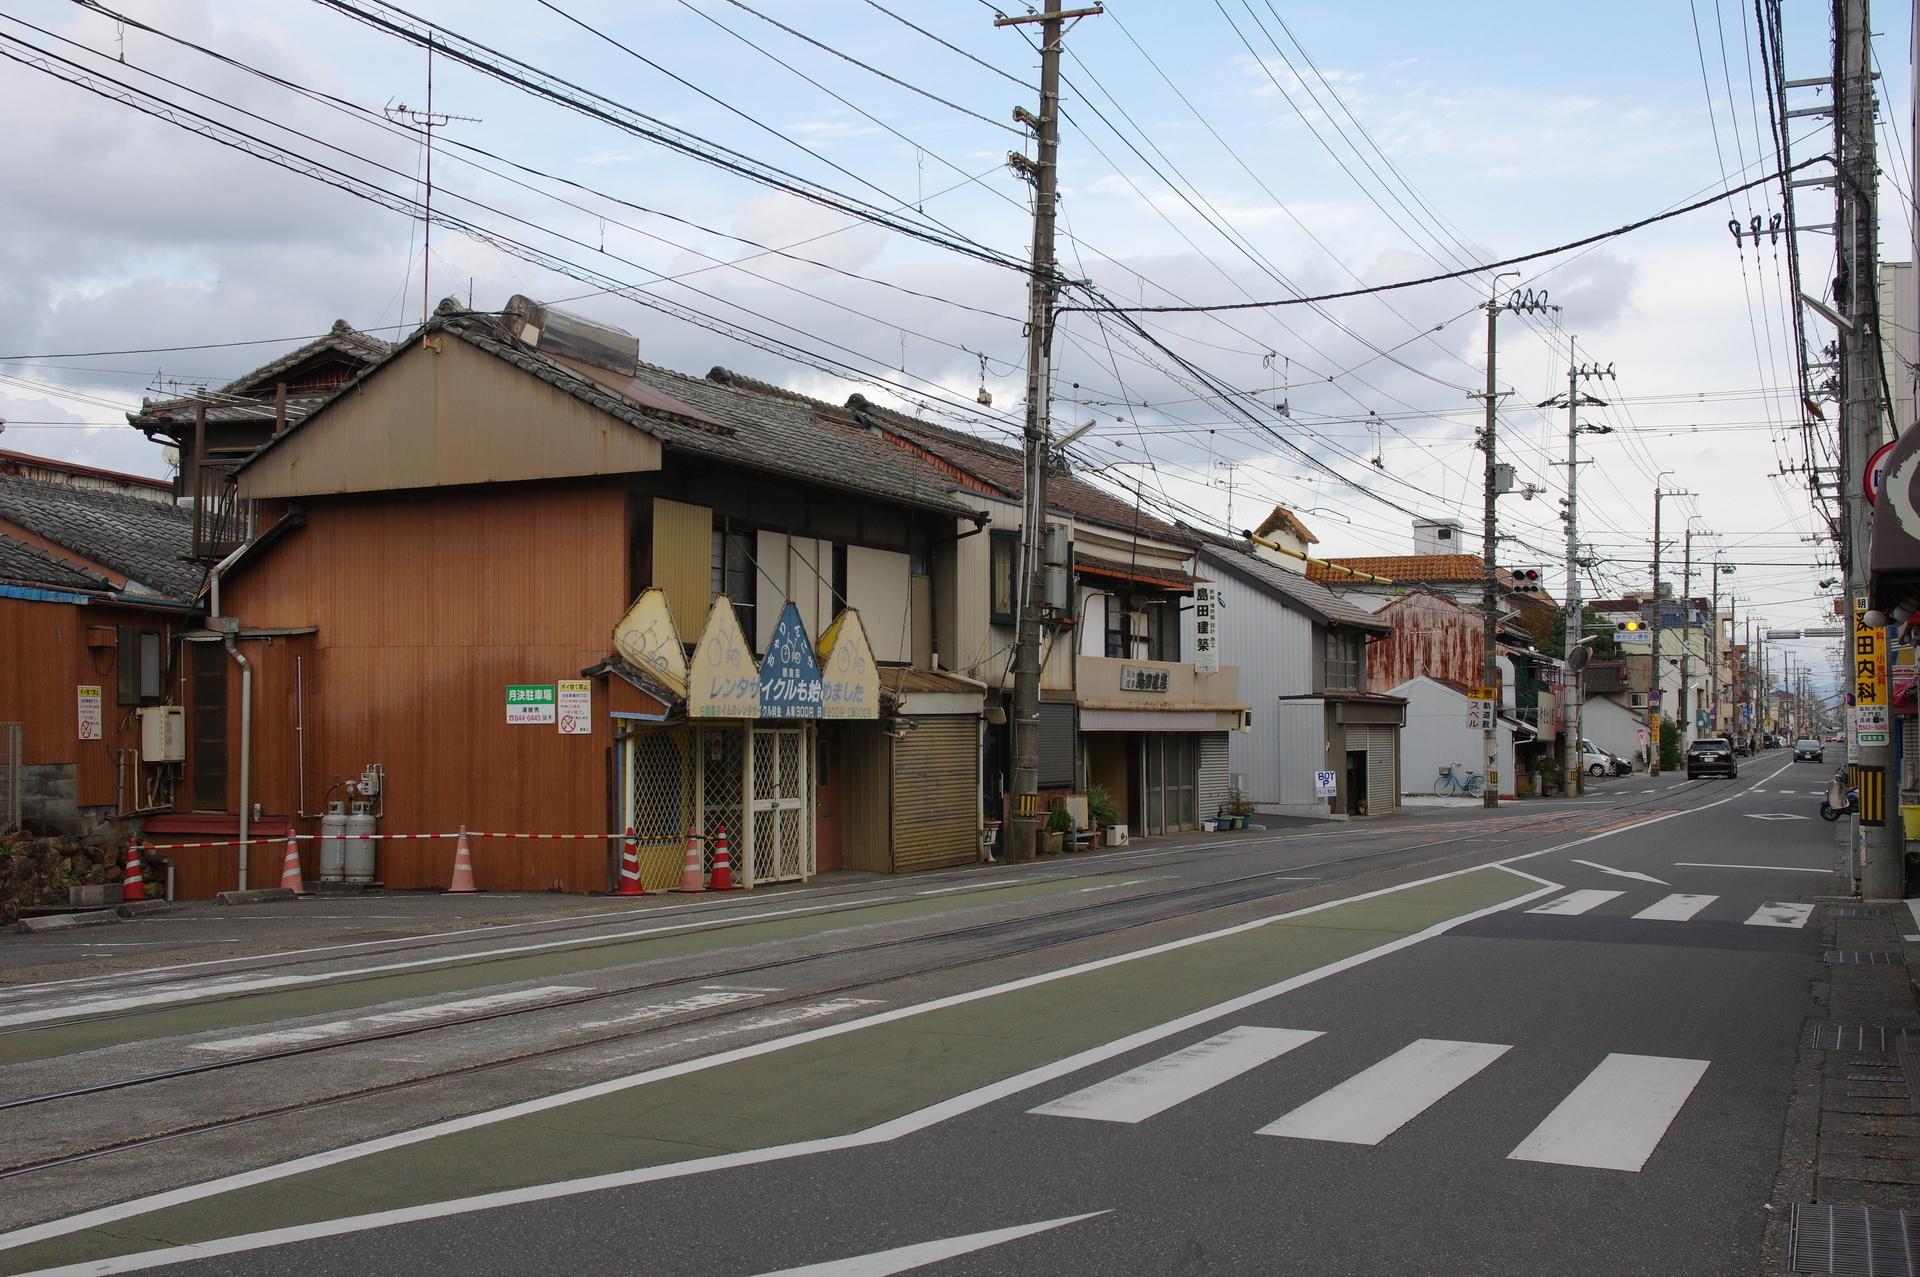 伊野方面のりばの安全地帯と横断歩道